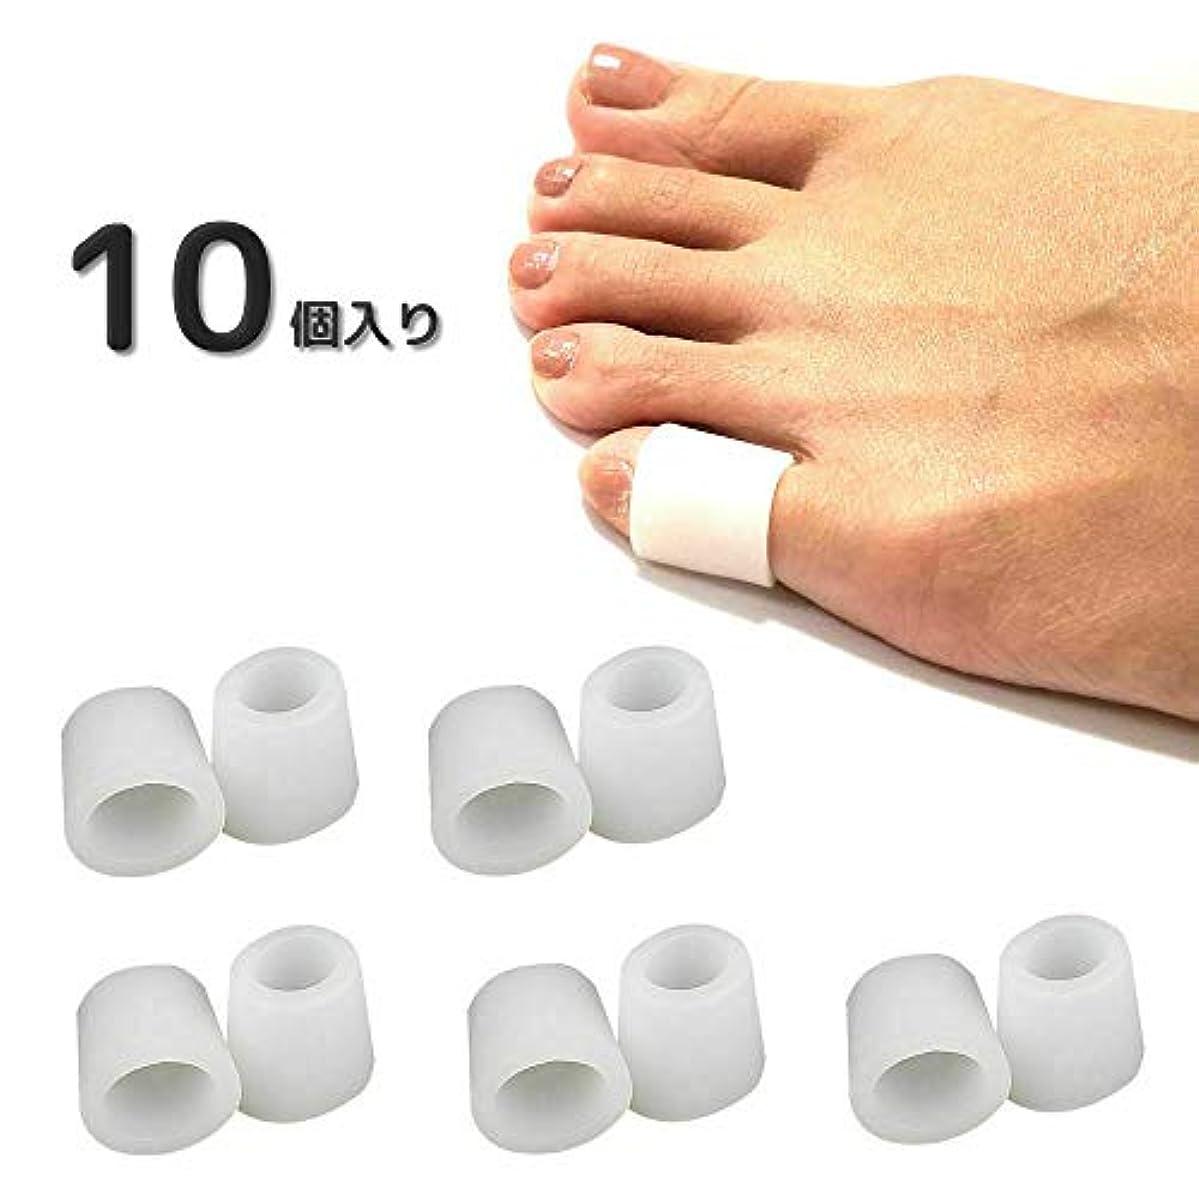 壮大安全性カルシウムLumiele 指や爪の保護キャップ 足爪 足指 柔らかシリコン サポーター 小指 指サック 5セット 10個入り